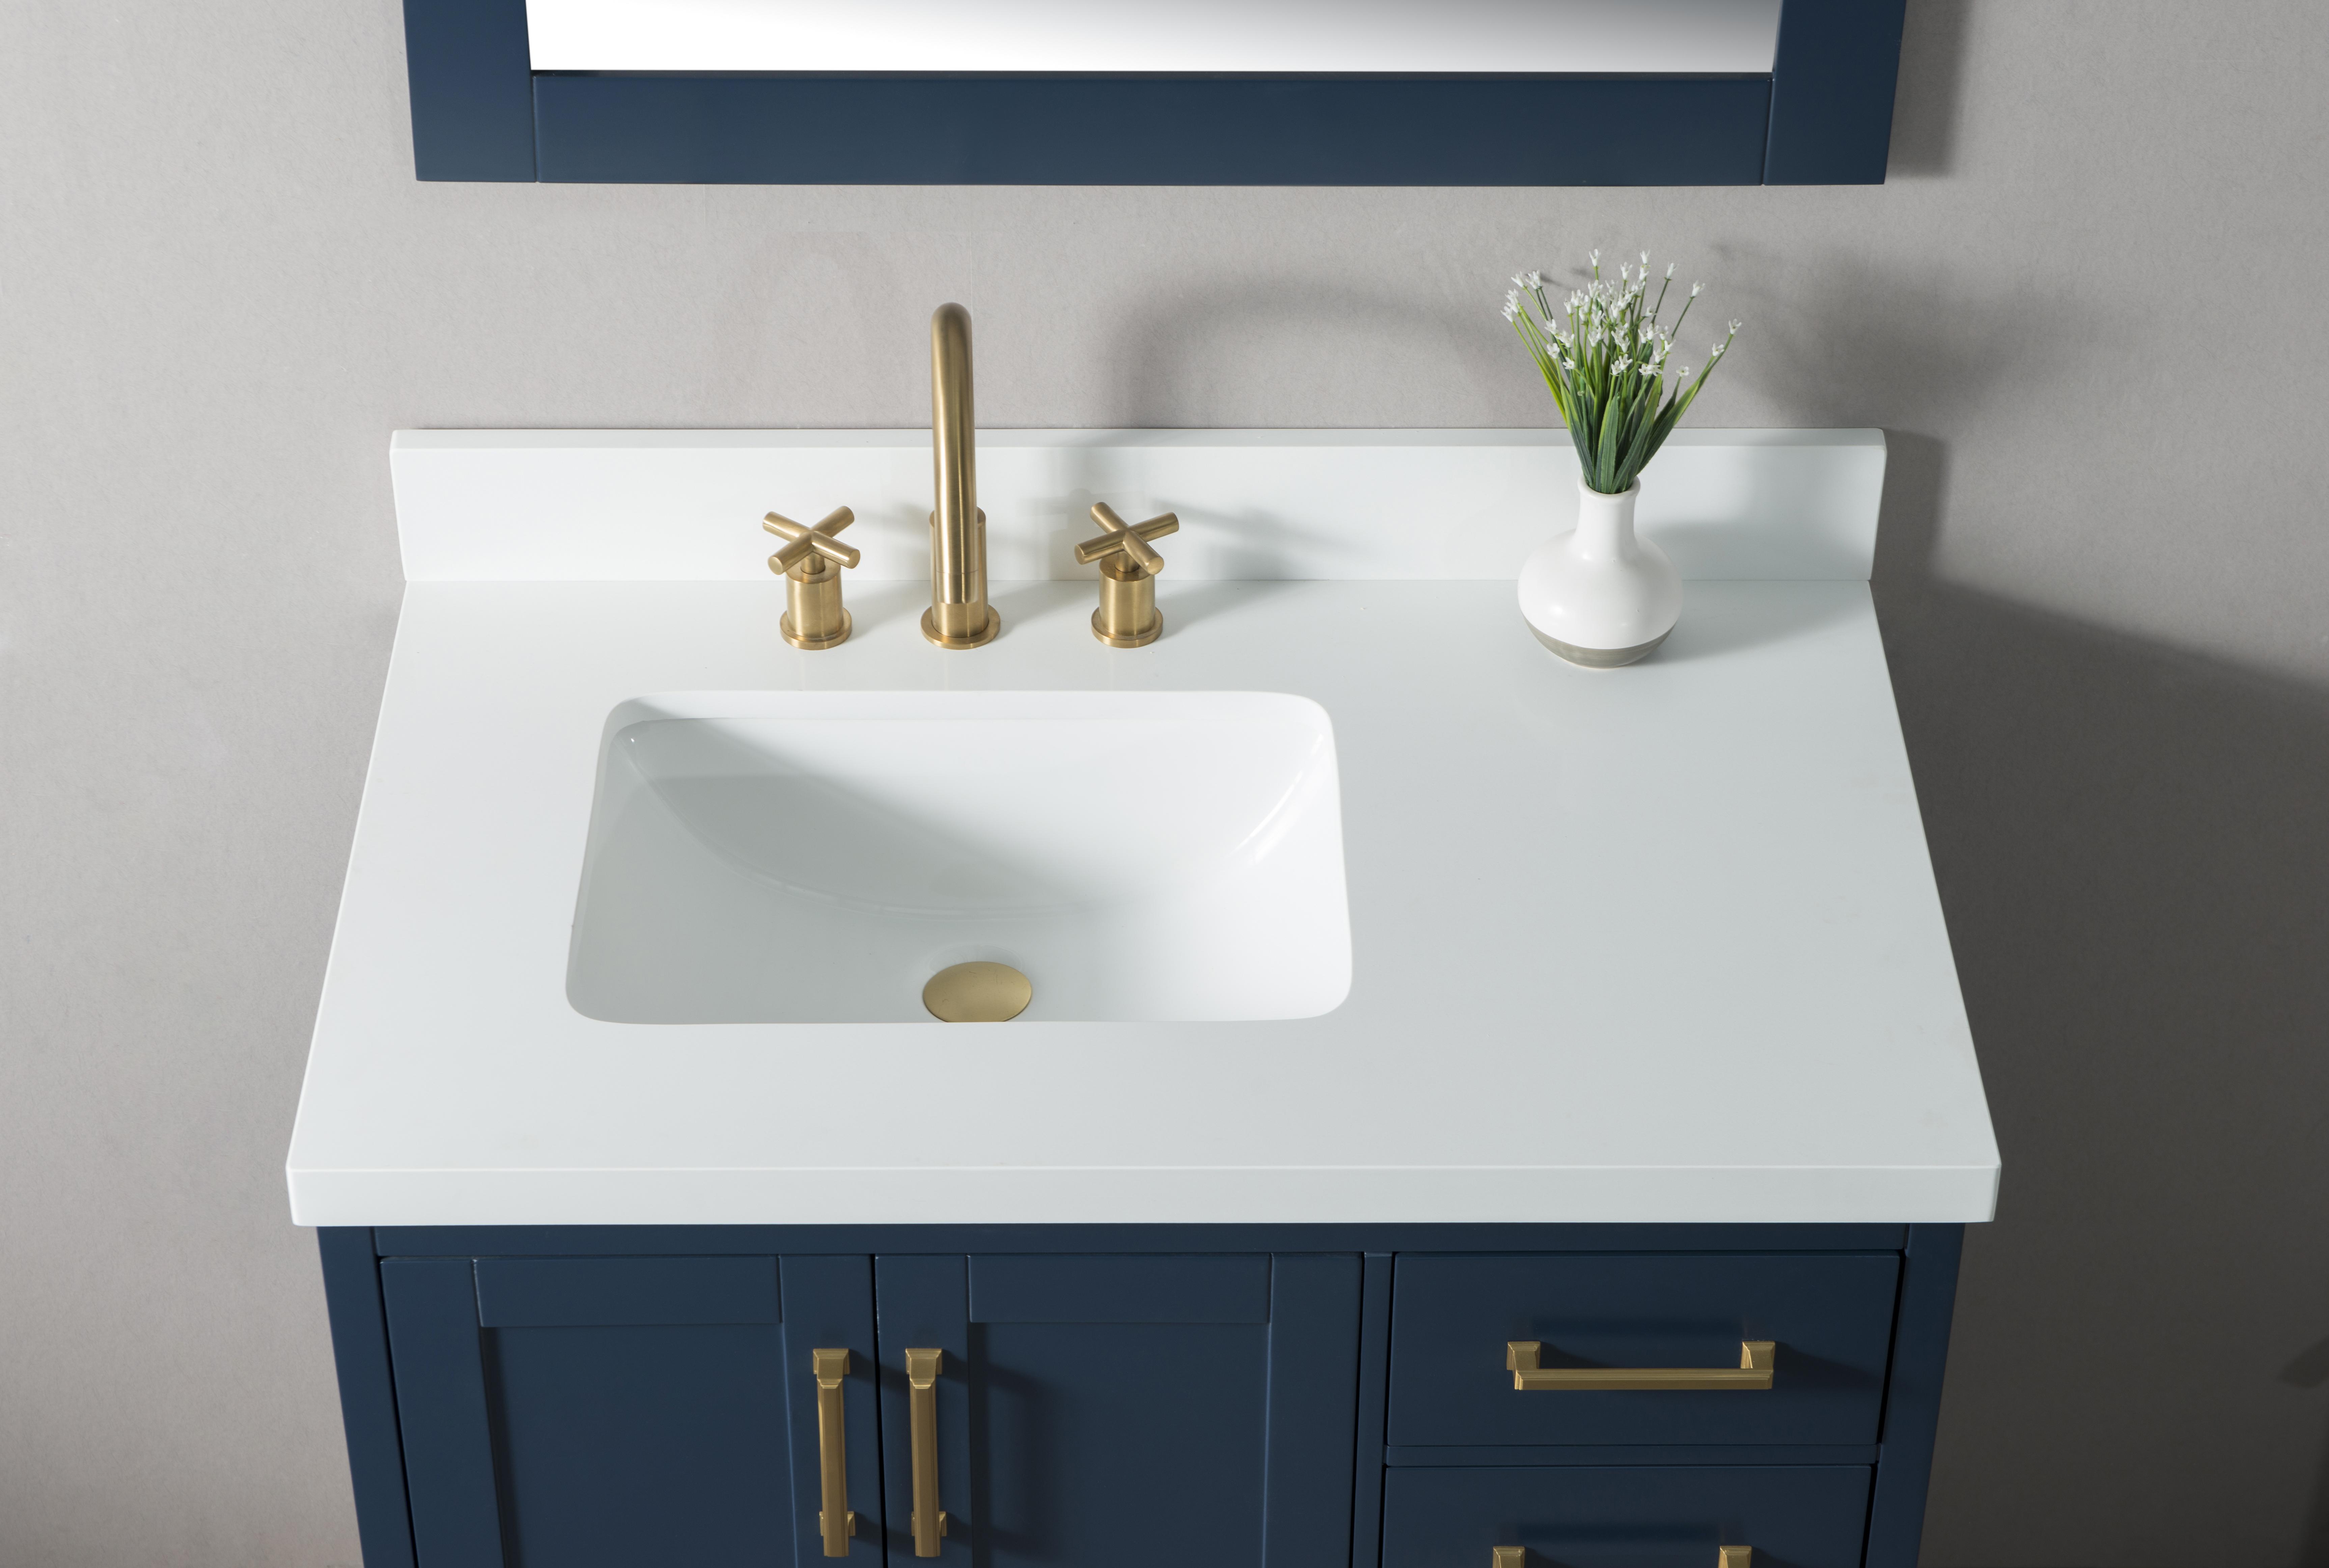 Manhattan 36 Inch Single Sink Navy Blue Bathtroom Vanity Cabinet Milan Gallery Bathroom Vanities Best Selection Bathroom Vanities In Los Angeles